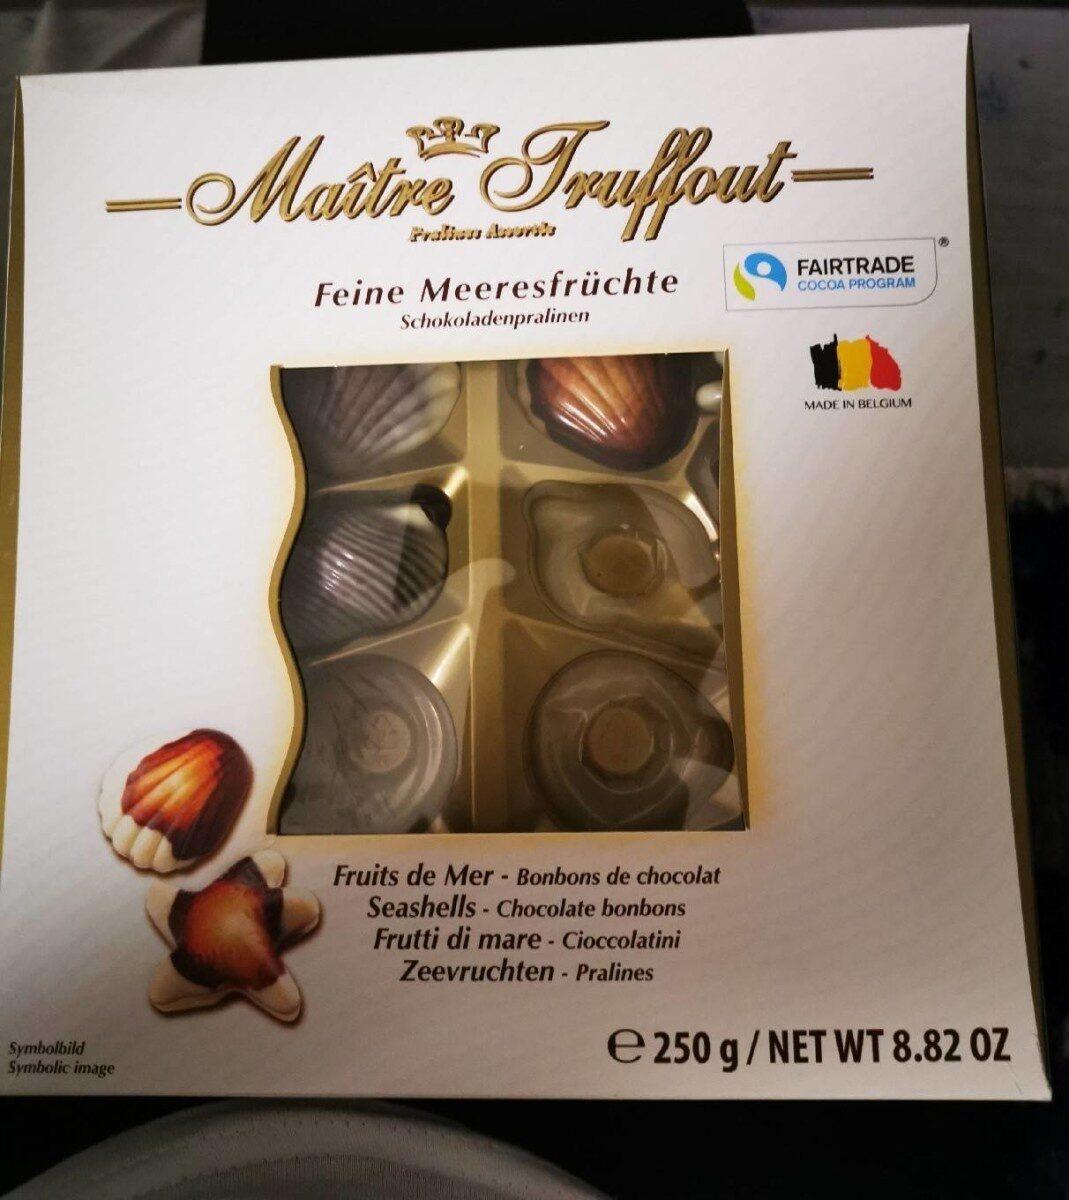 Feine Meeresfrüchte, Schokoladepralinen - Product